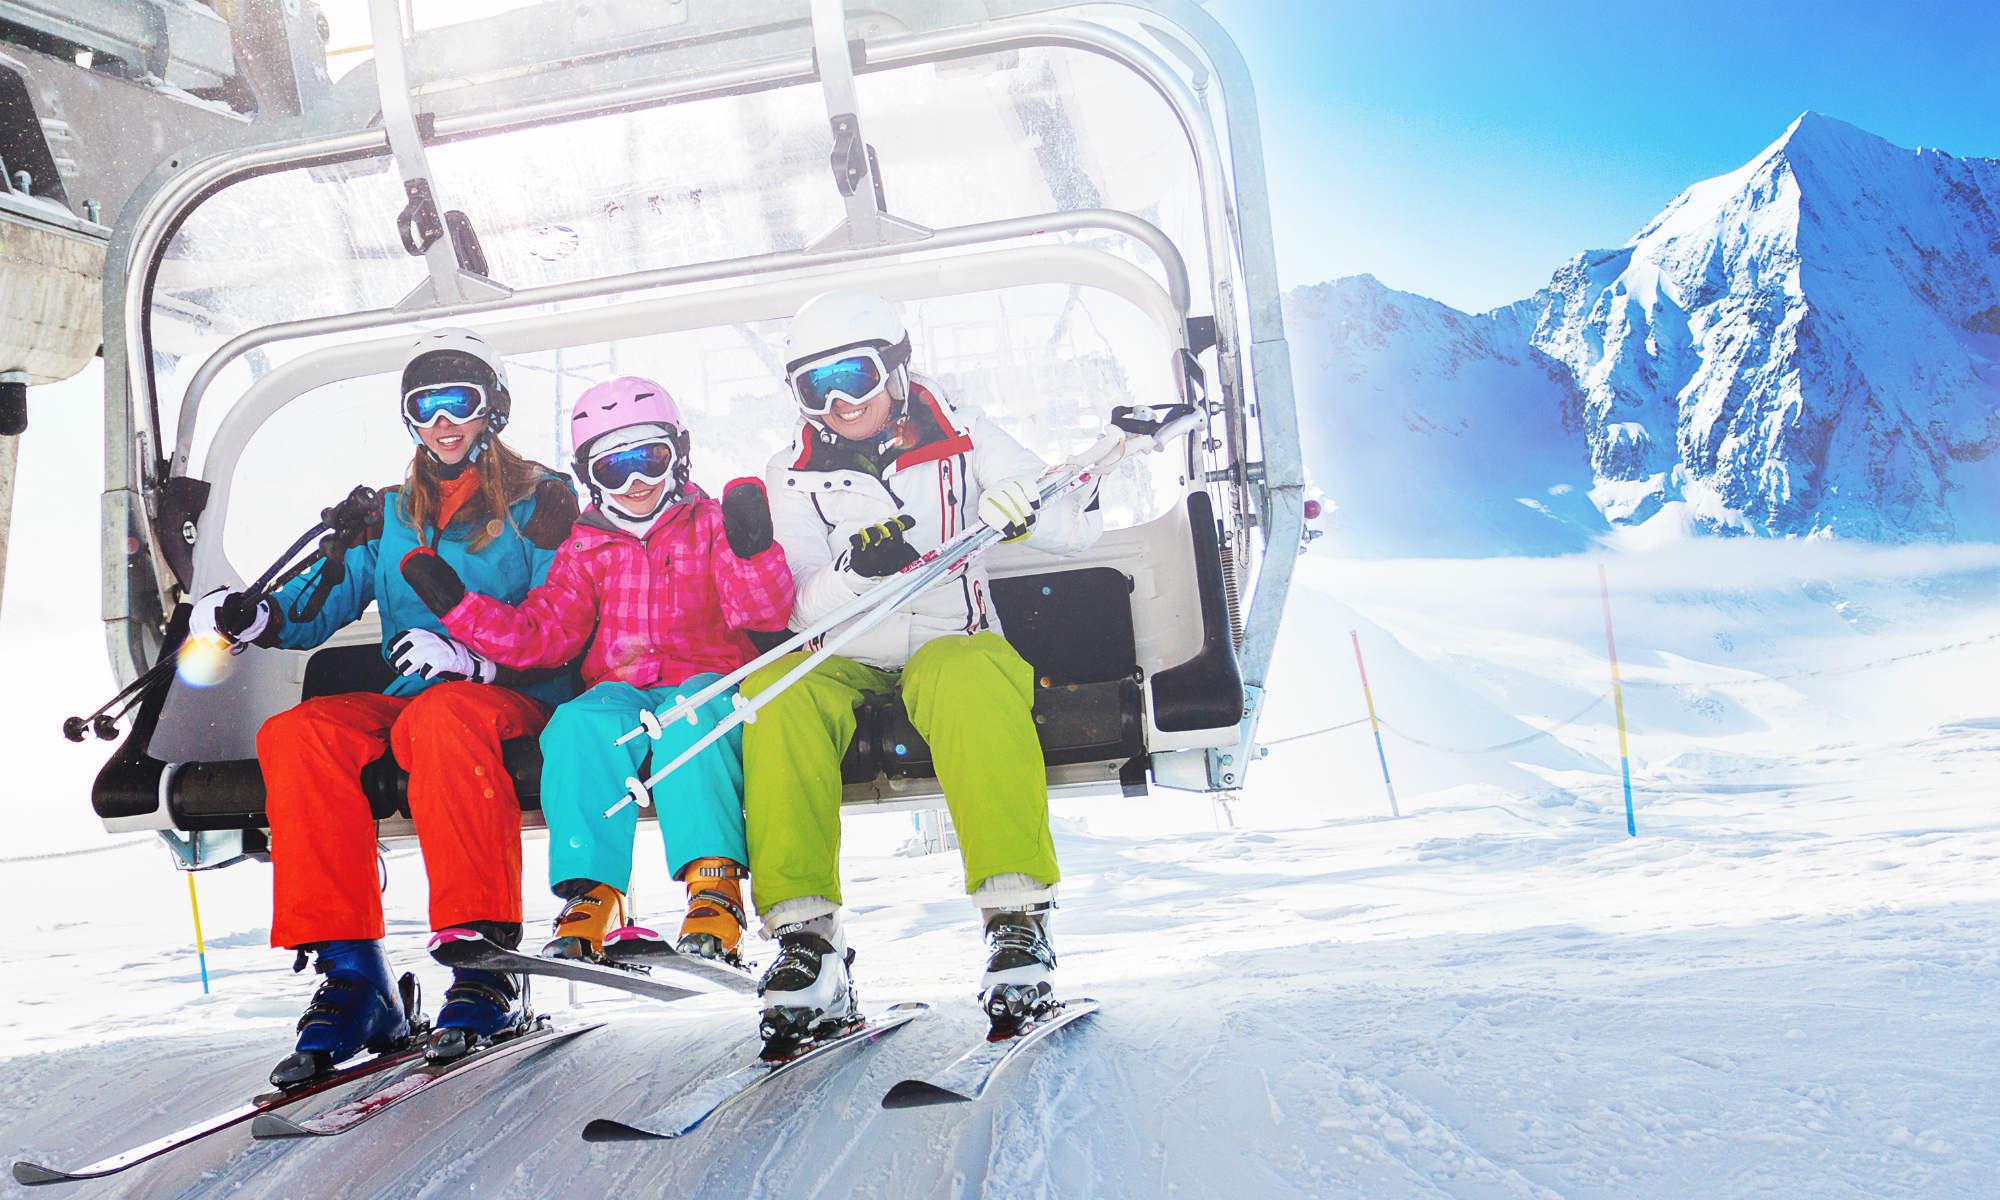 La seggiovia è uno degli impianti di risalita più popolari tra gli sciatori.